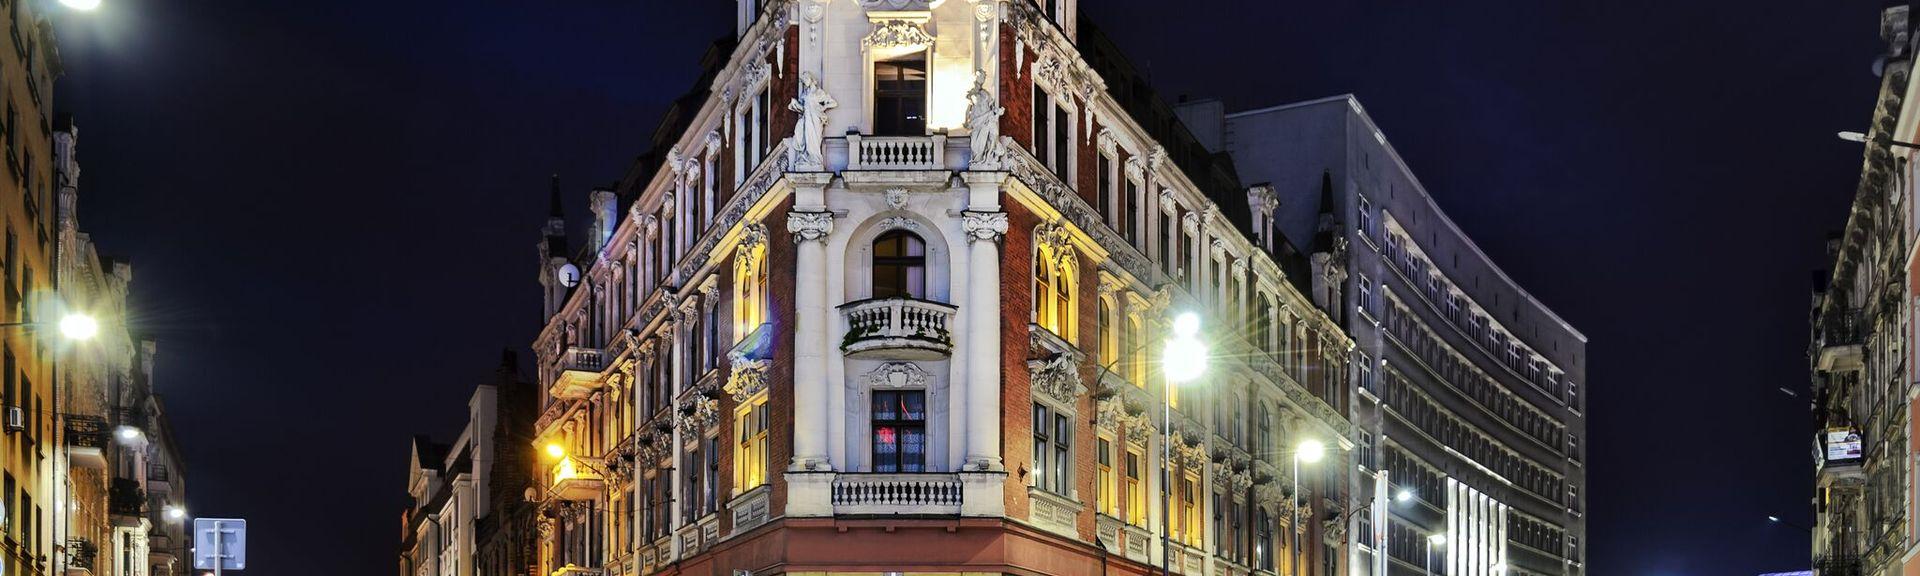 Katowice, Województwo śląskie, Polska